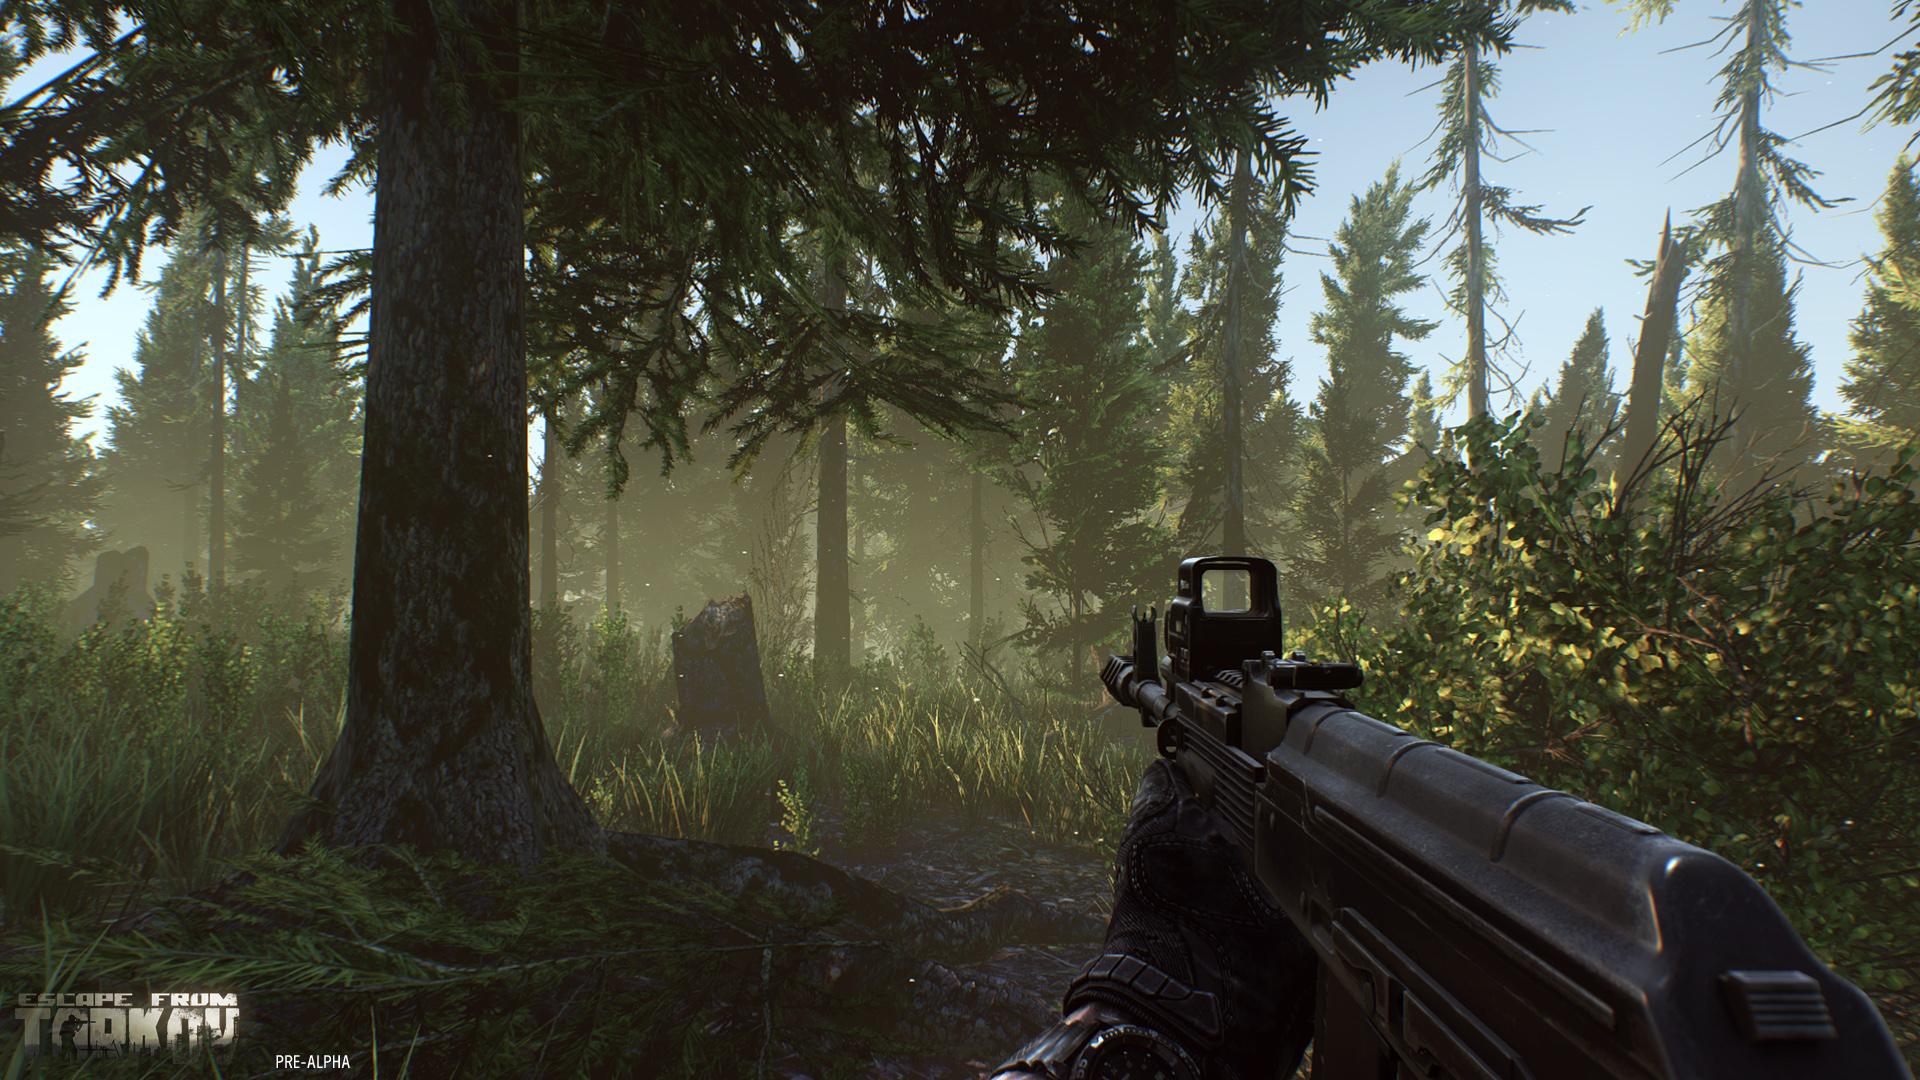 Pre-Alfa Screenshot 6 - Escape from Tarkov